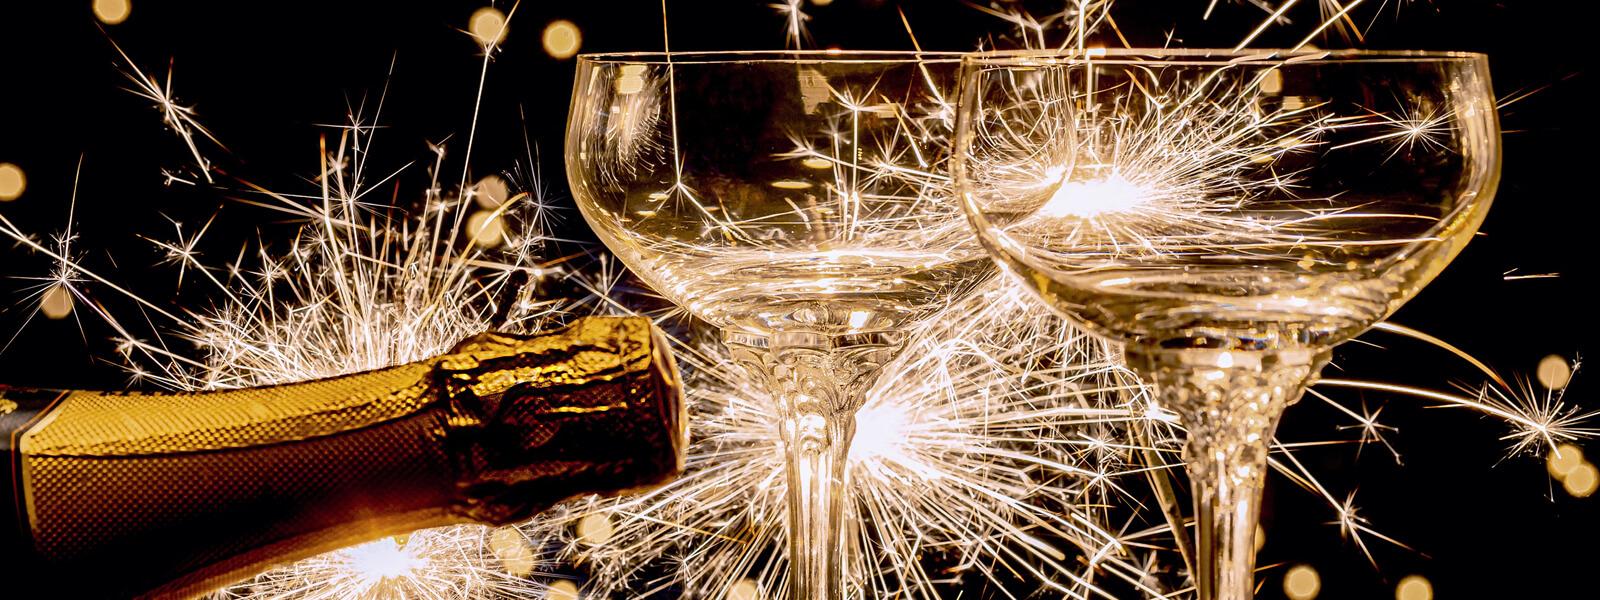 Sektflasche und Gläser im Hintergrund ein Feuerwerk